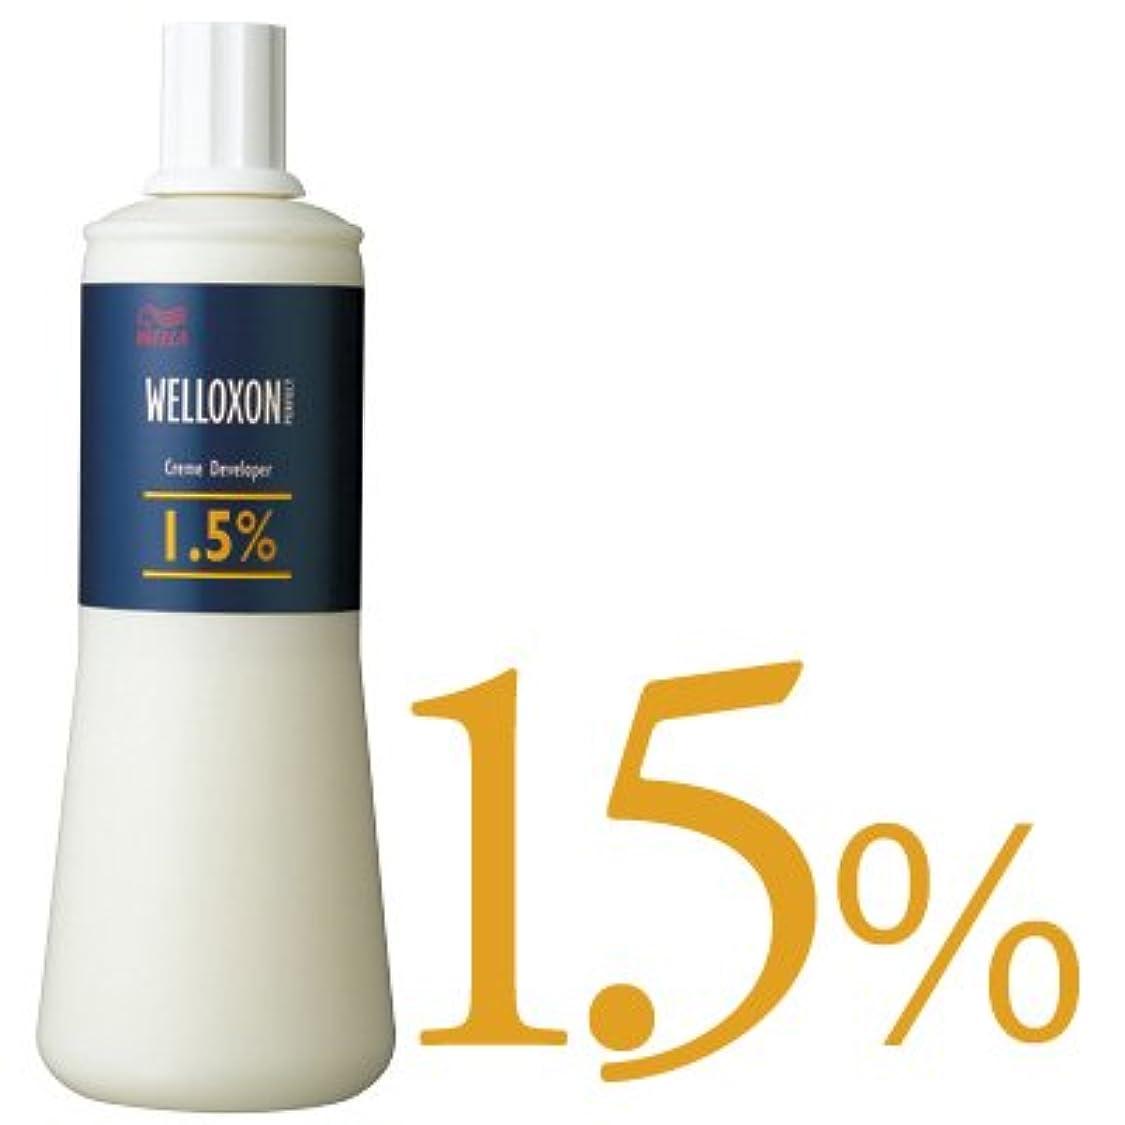 ジャンル移動するラダウエラ ウエロキソンパーフェクト 1.5%